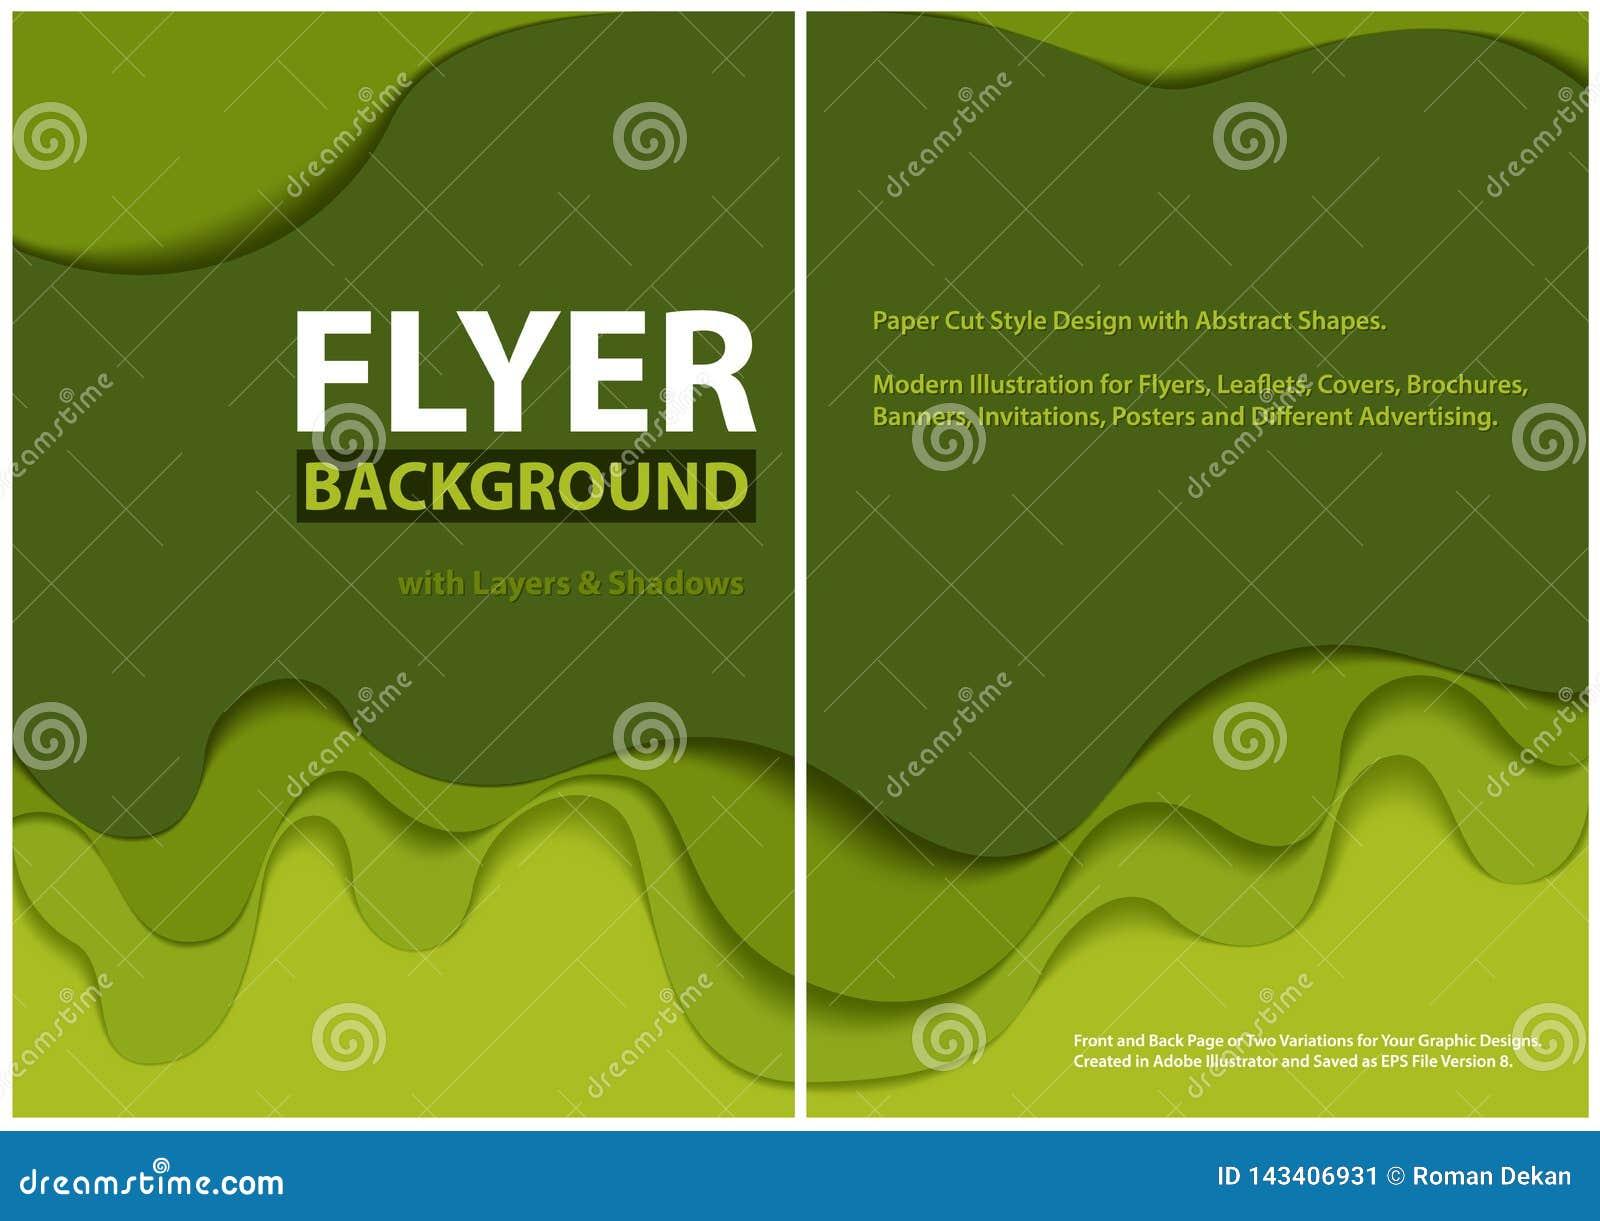 Dise?o moderno del estilo del corte del papel del aviador con capas verdes